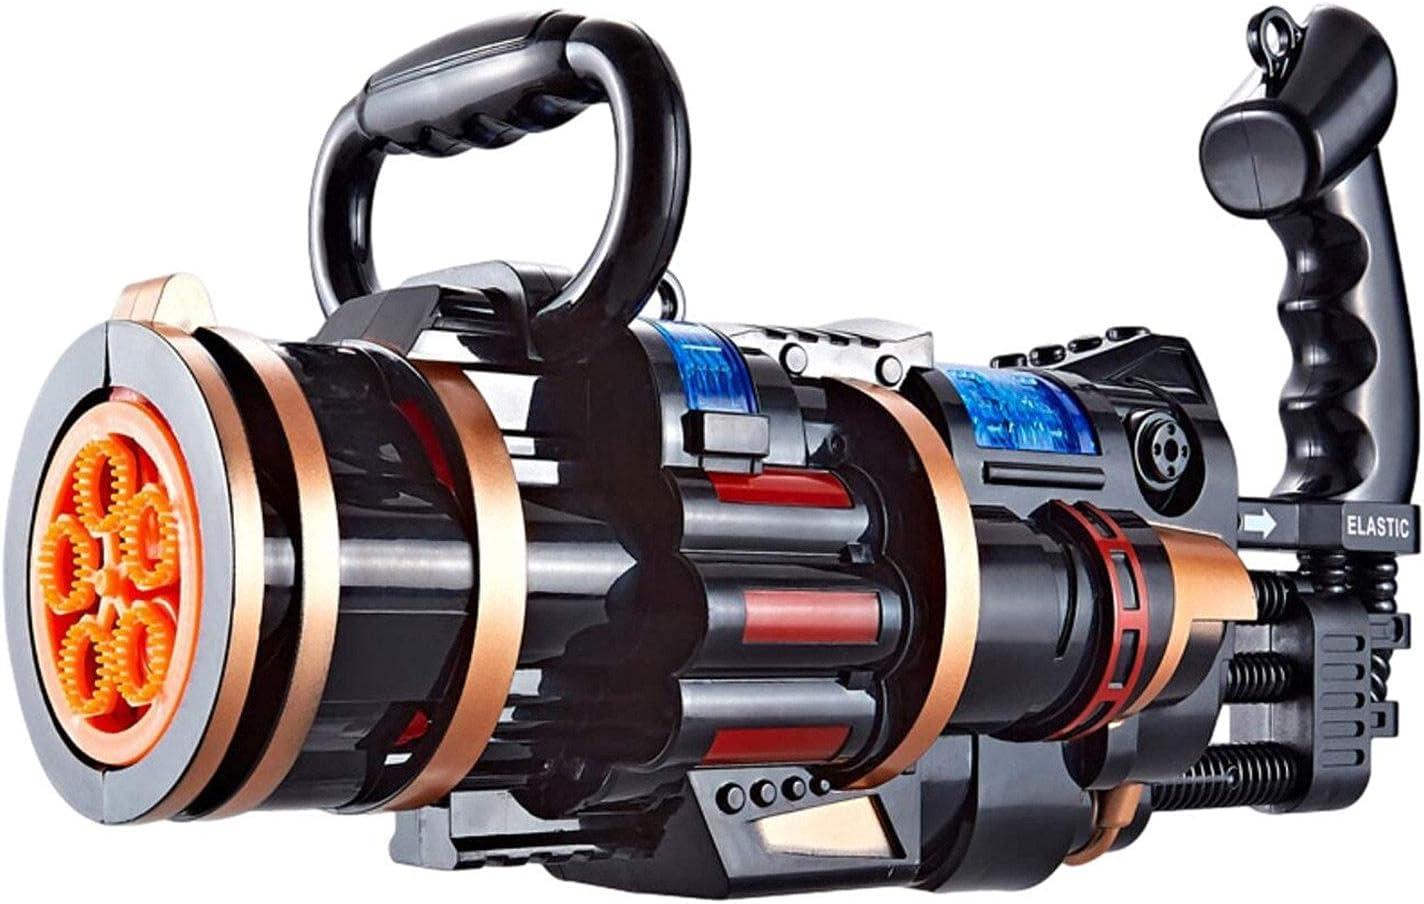 Gaohm2 Pcs Bubble Machine Bubble Maker Guns for Kids Gatling Aut